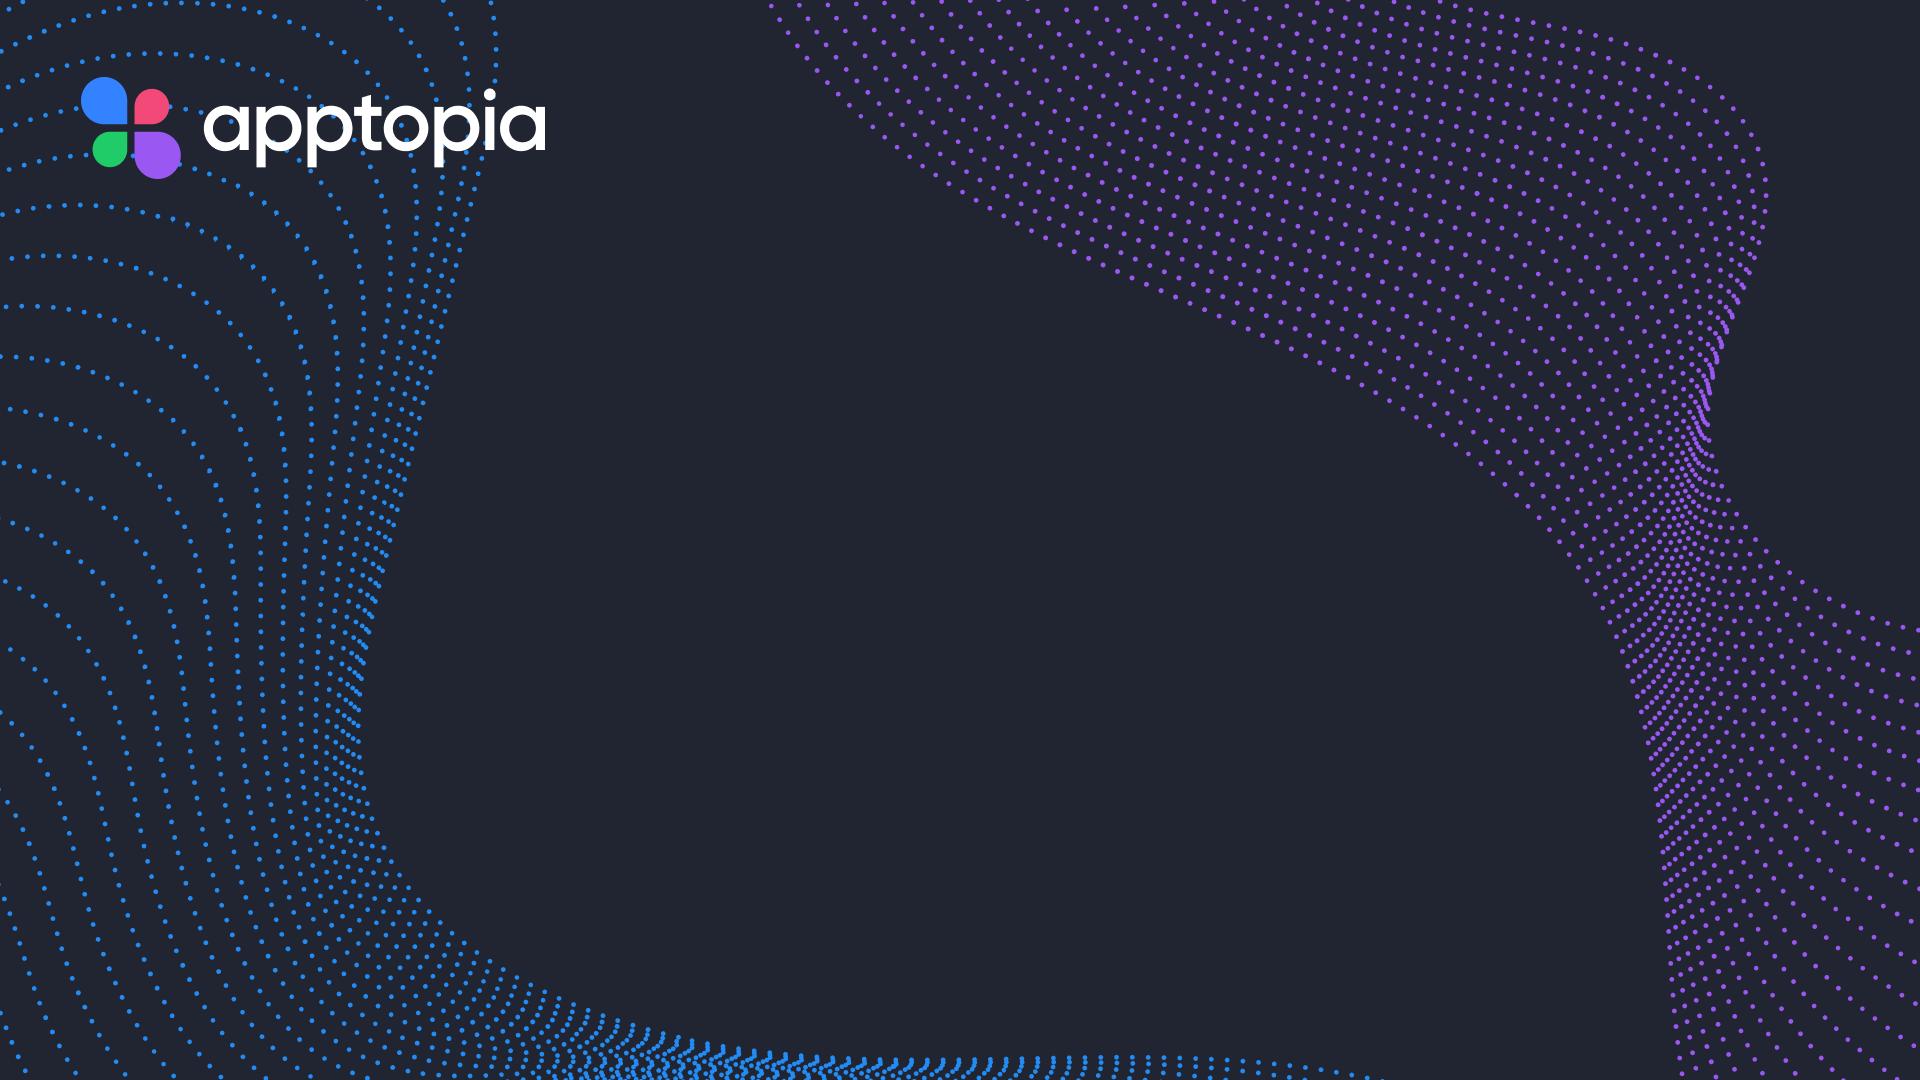 Apptopia,